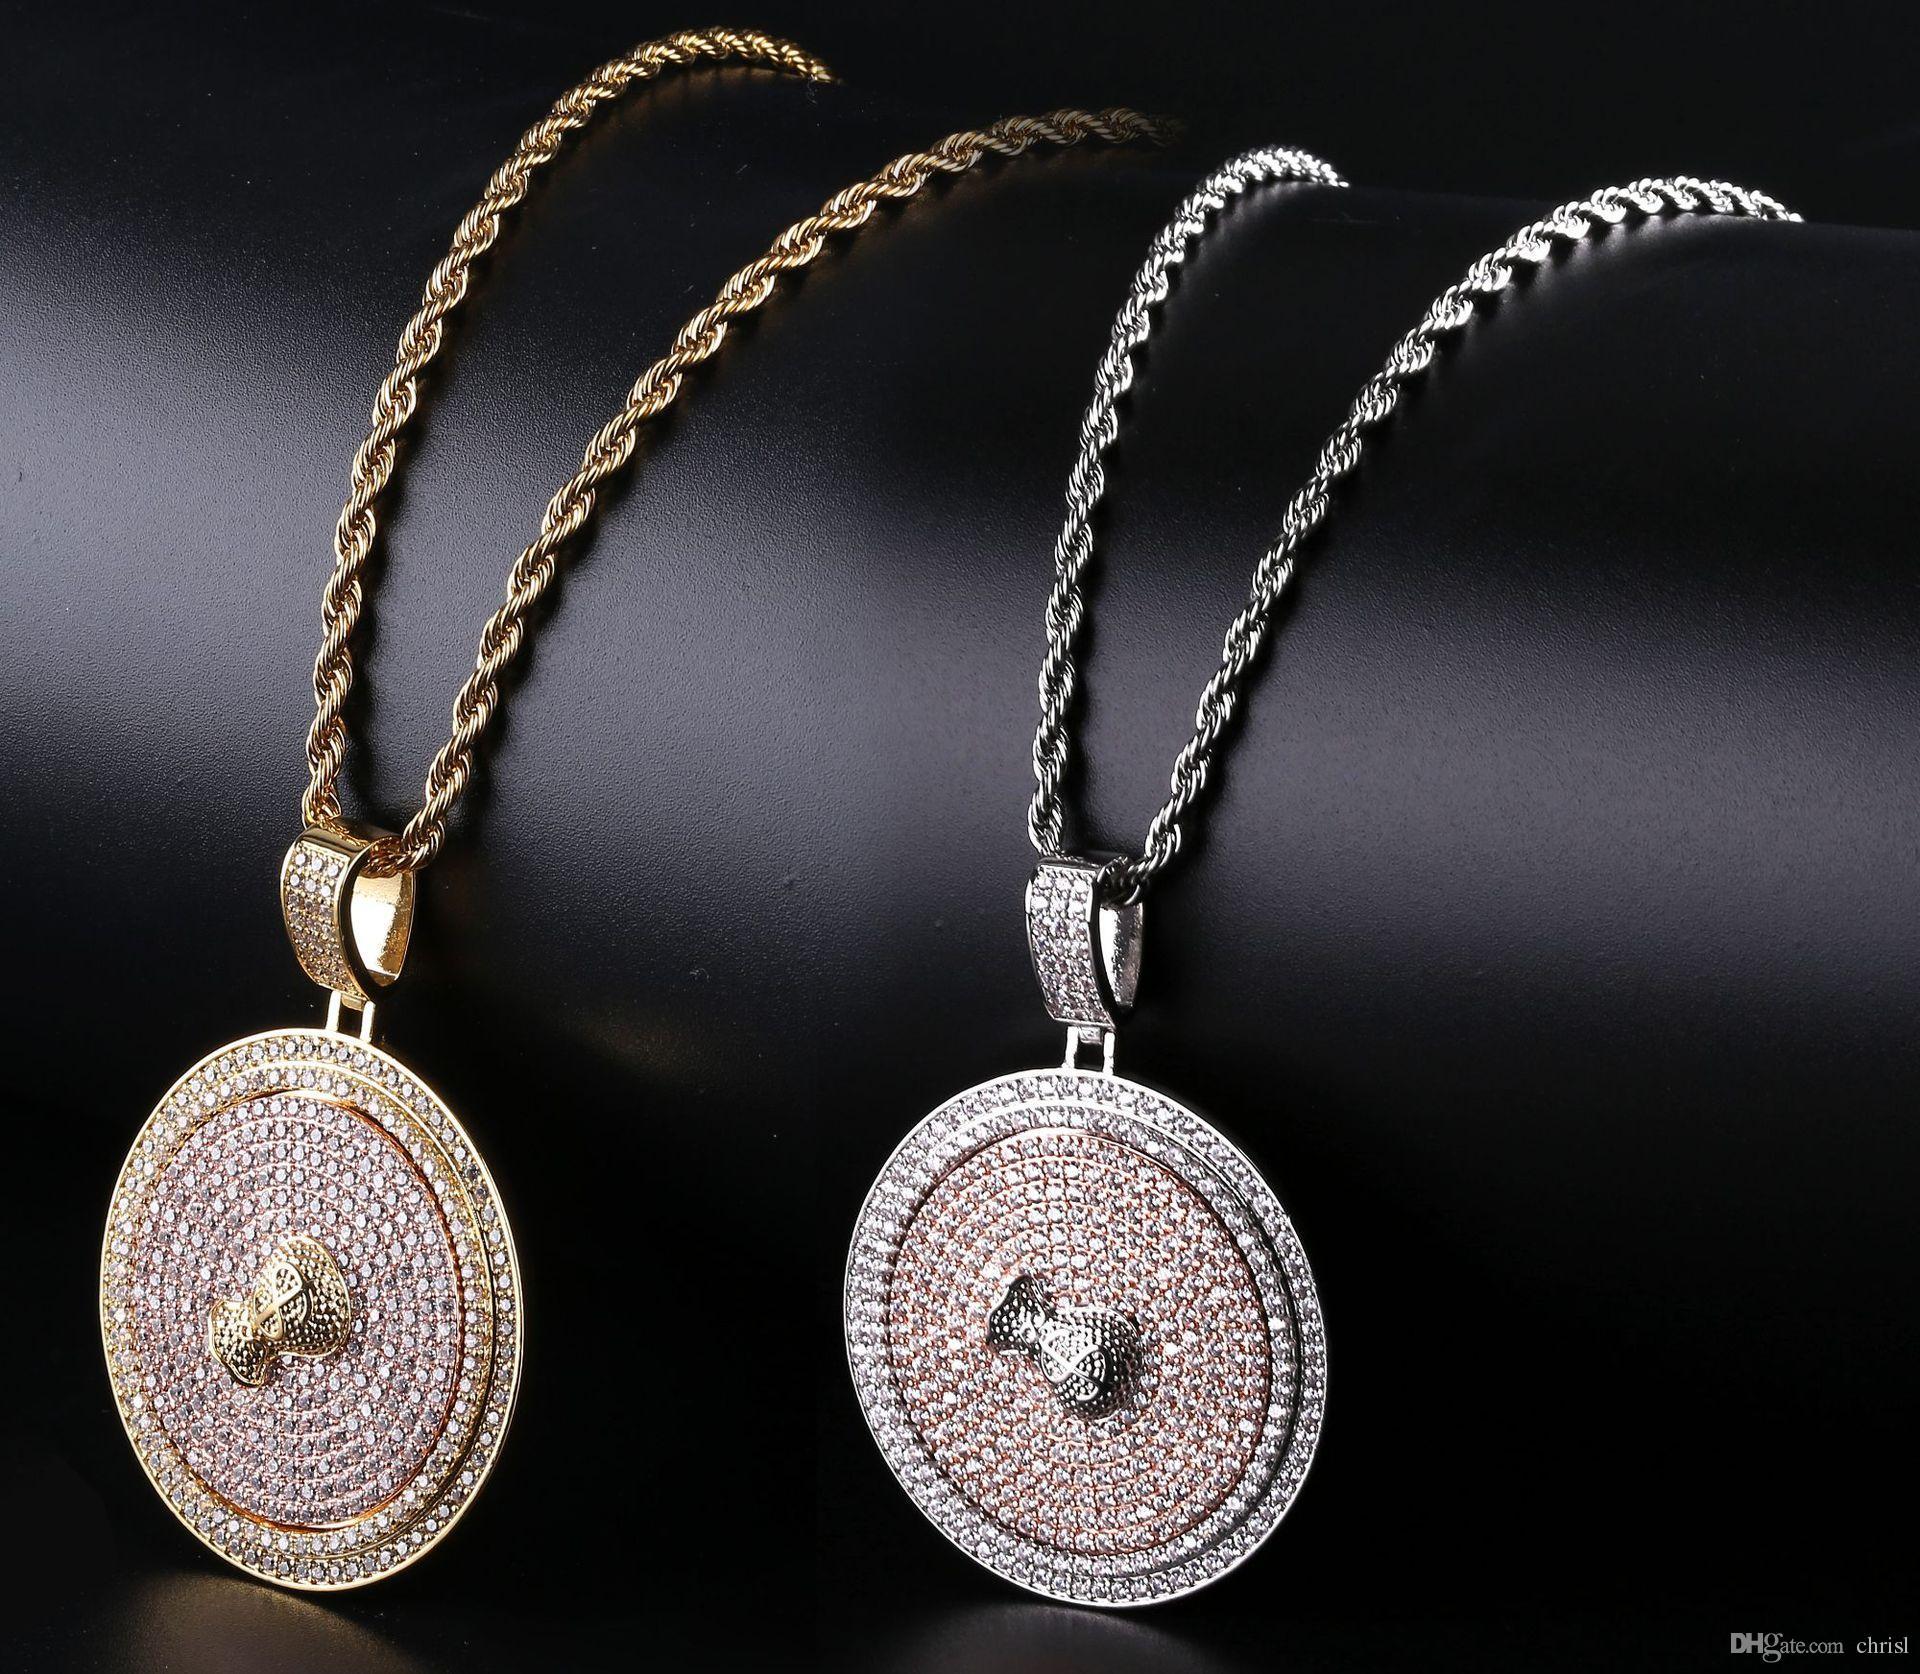 Обледенелый счетчик мешок денег знак кулон ожерелье латунь золото посеребренные микро проложили CZ мужчин хип-хоп ювелирные изделия